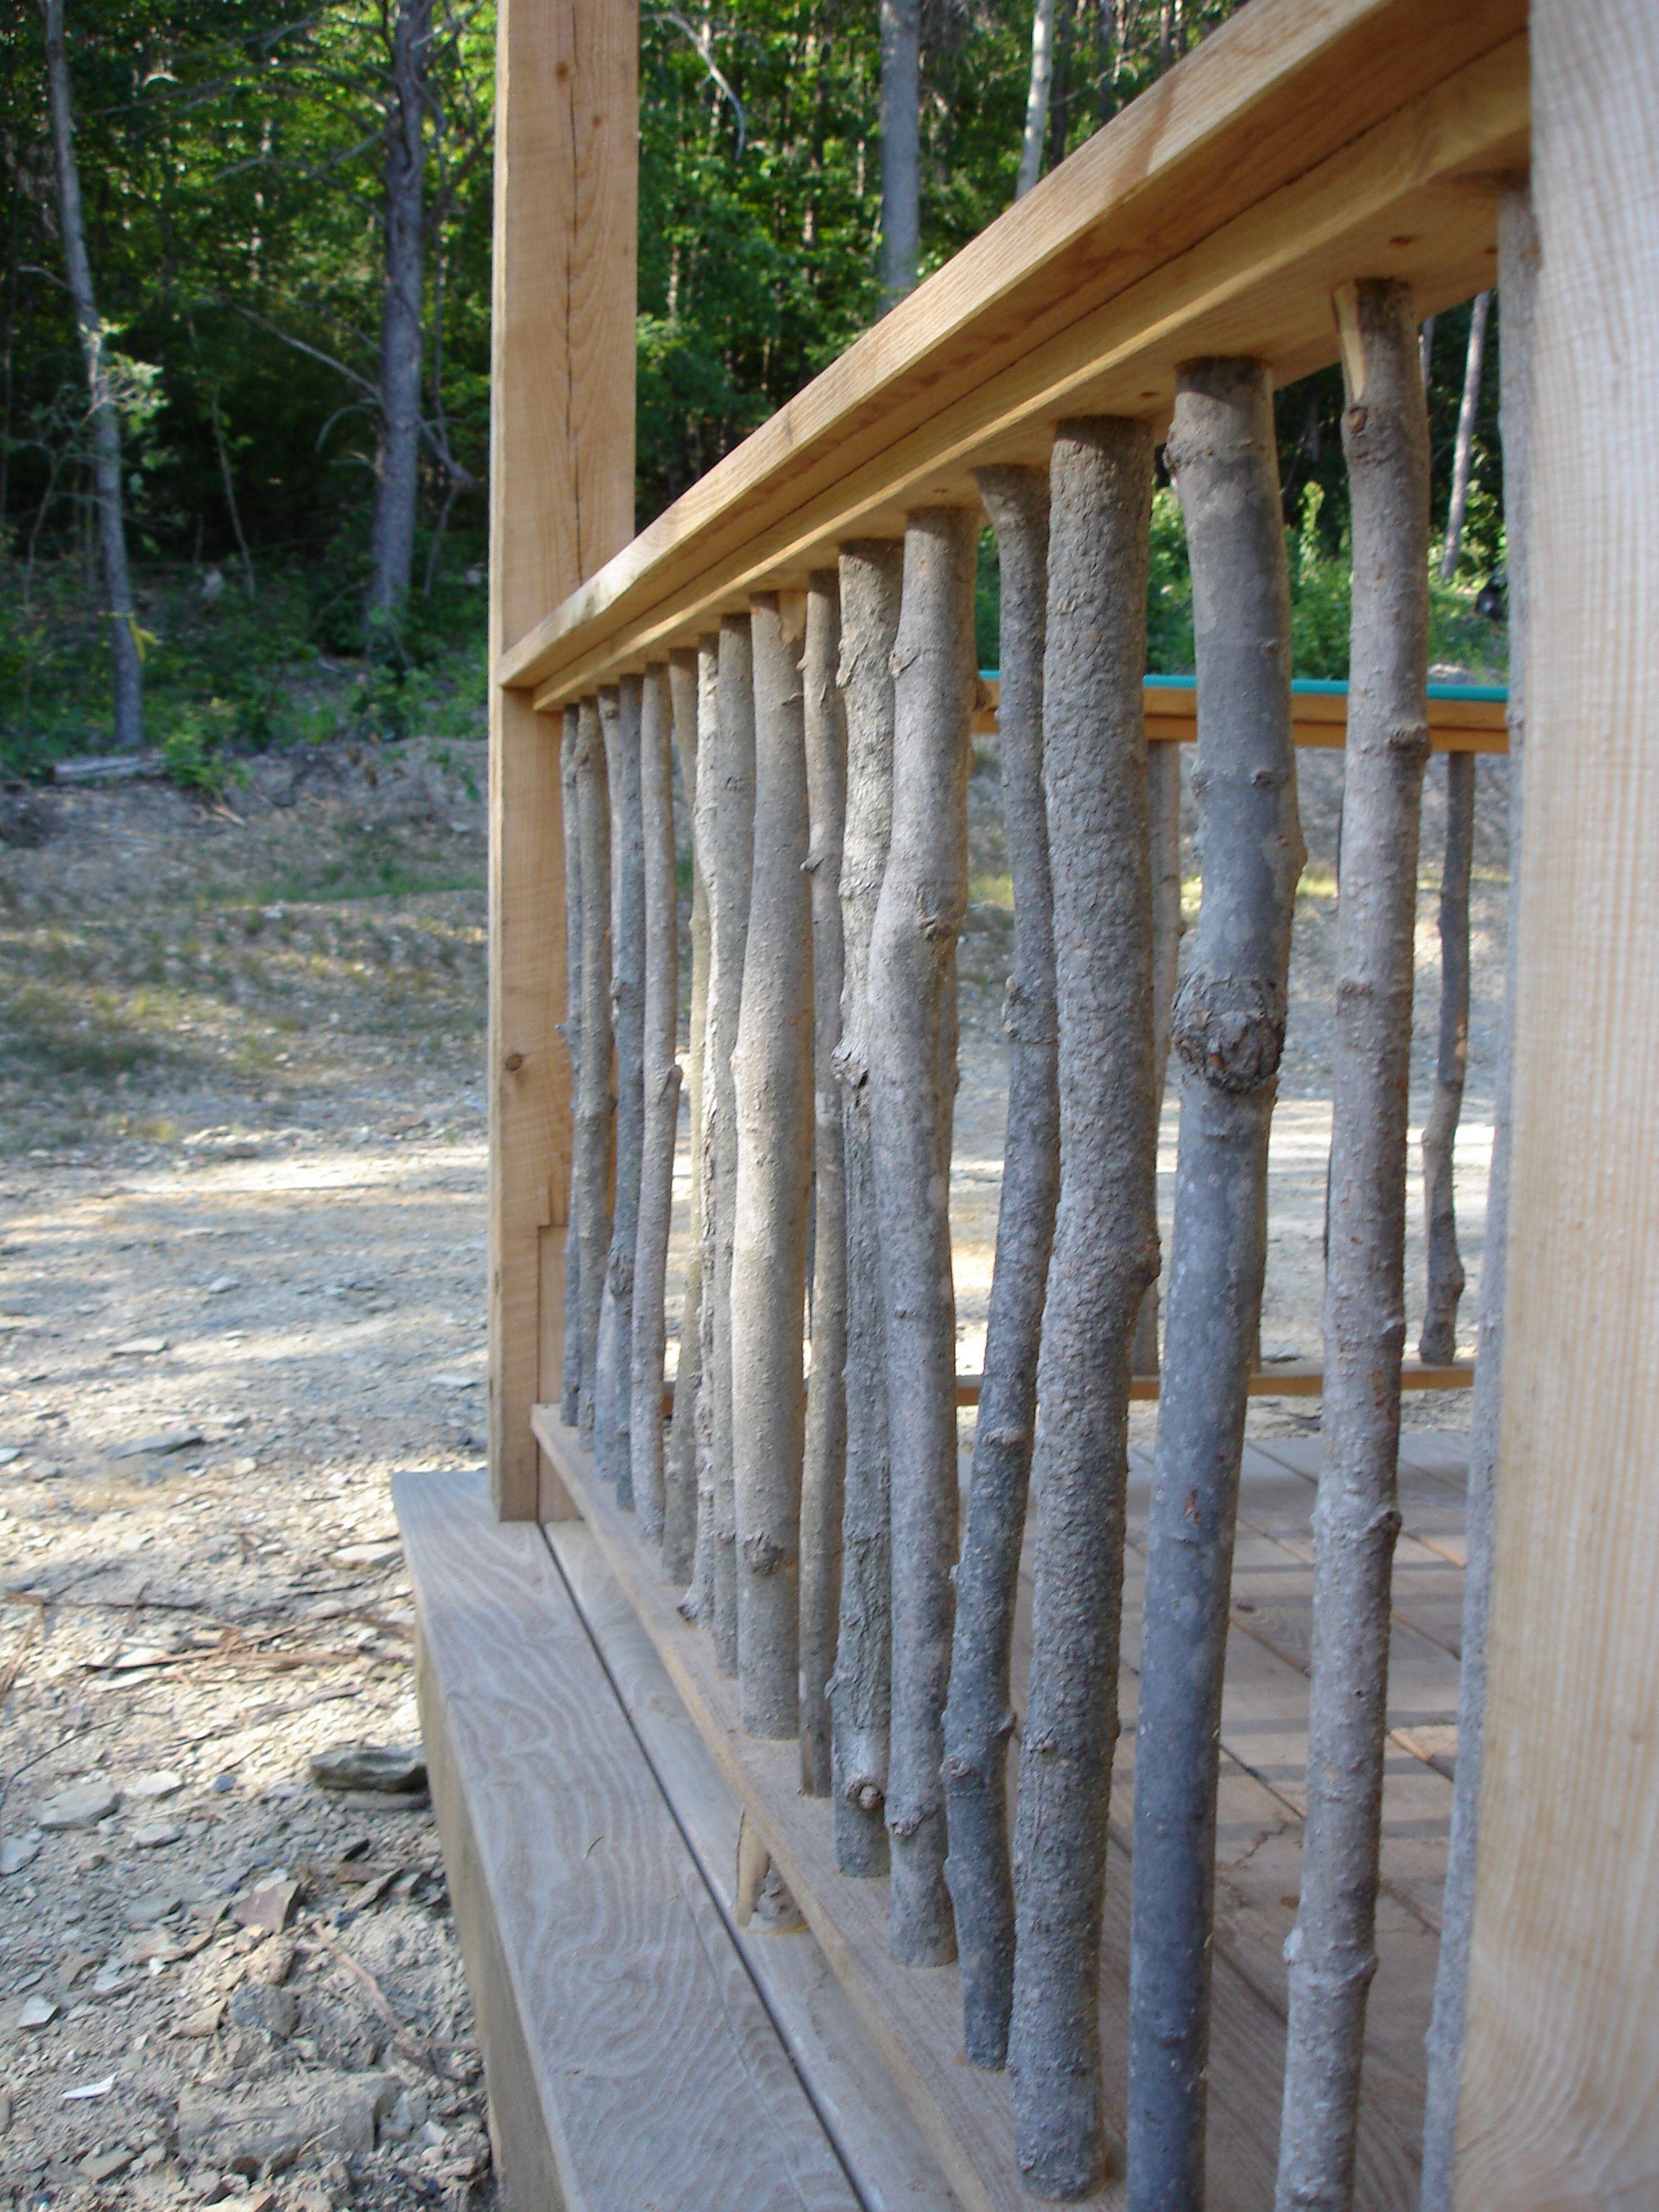 railing porch designs advice almosthomedogdaycare cedar www handrails ideas